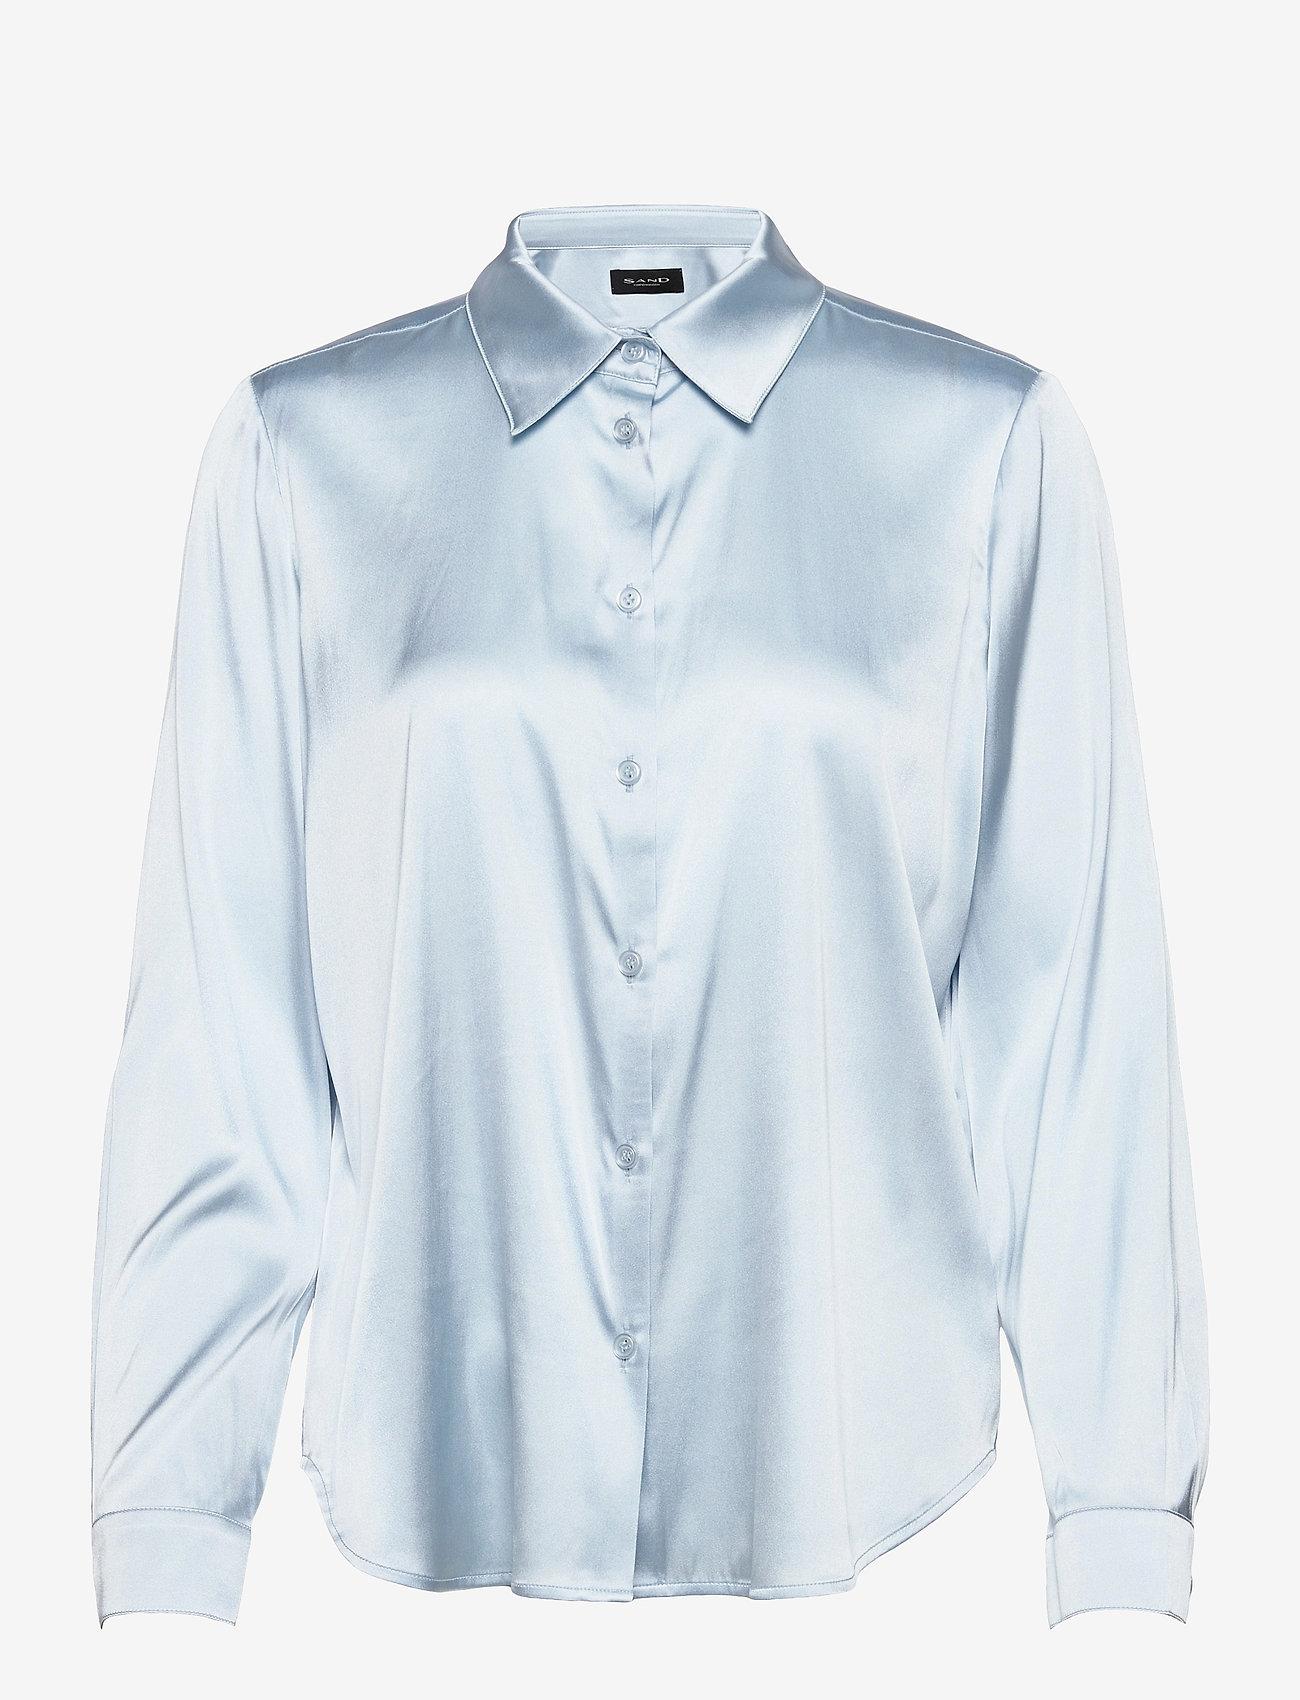 SAND - 3176 - Latia - overhemden met lange mouwen - light blue - 0